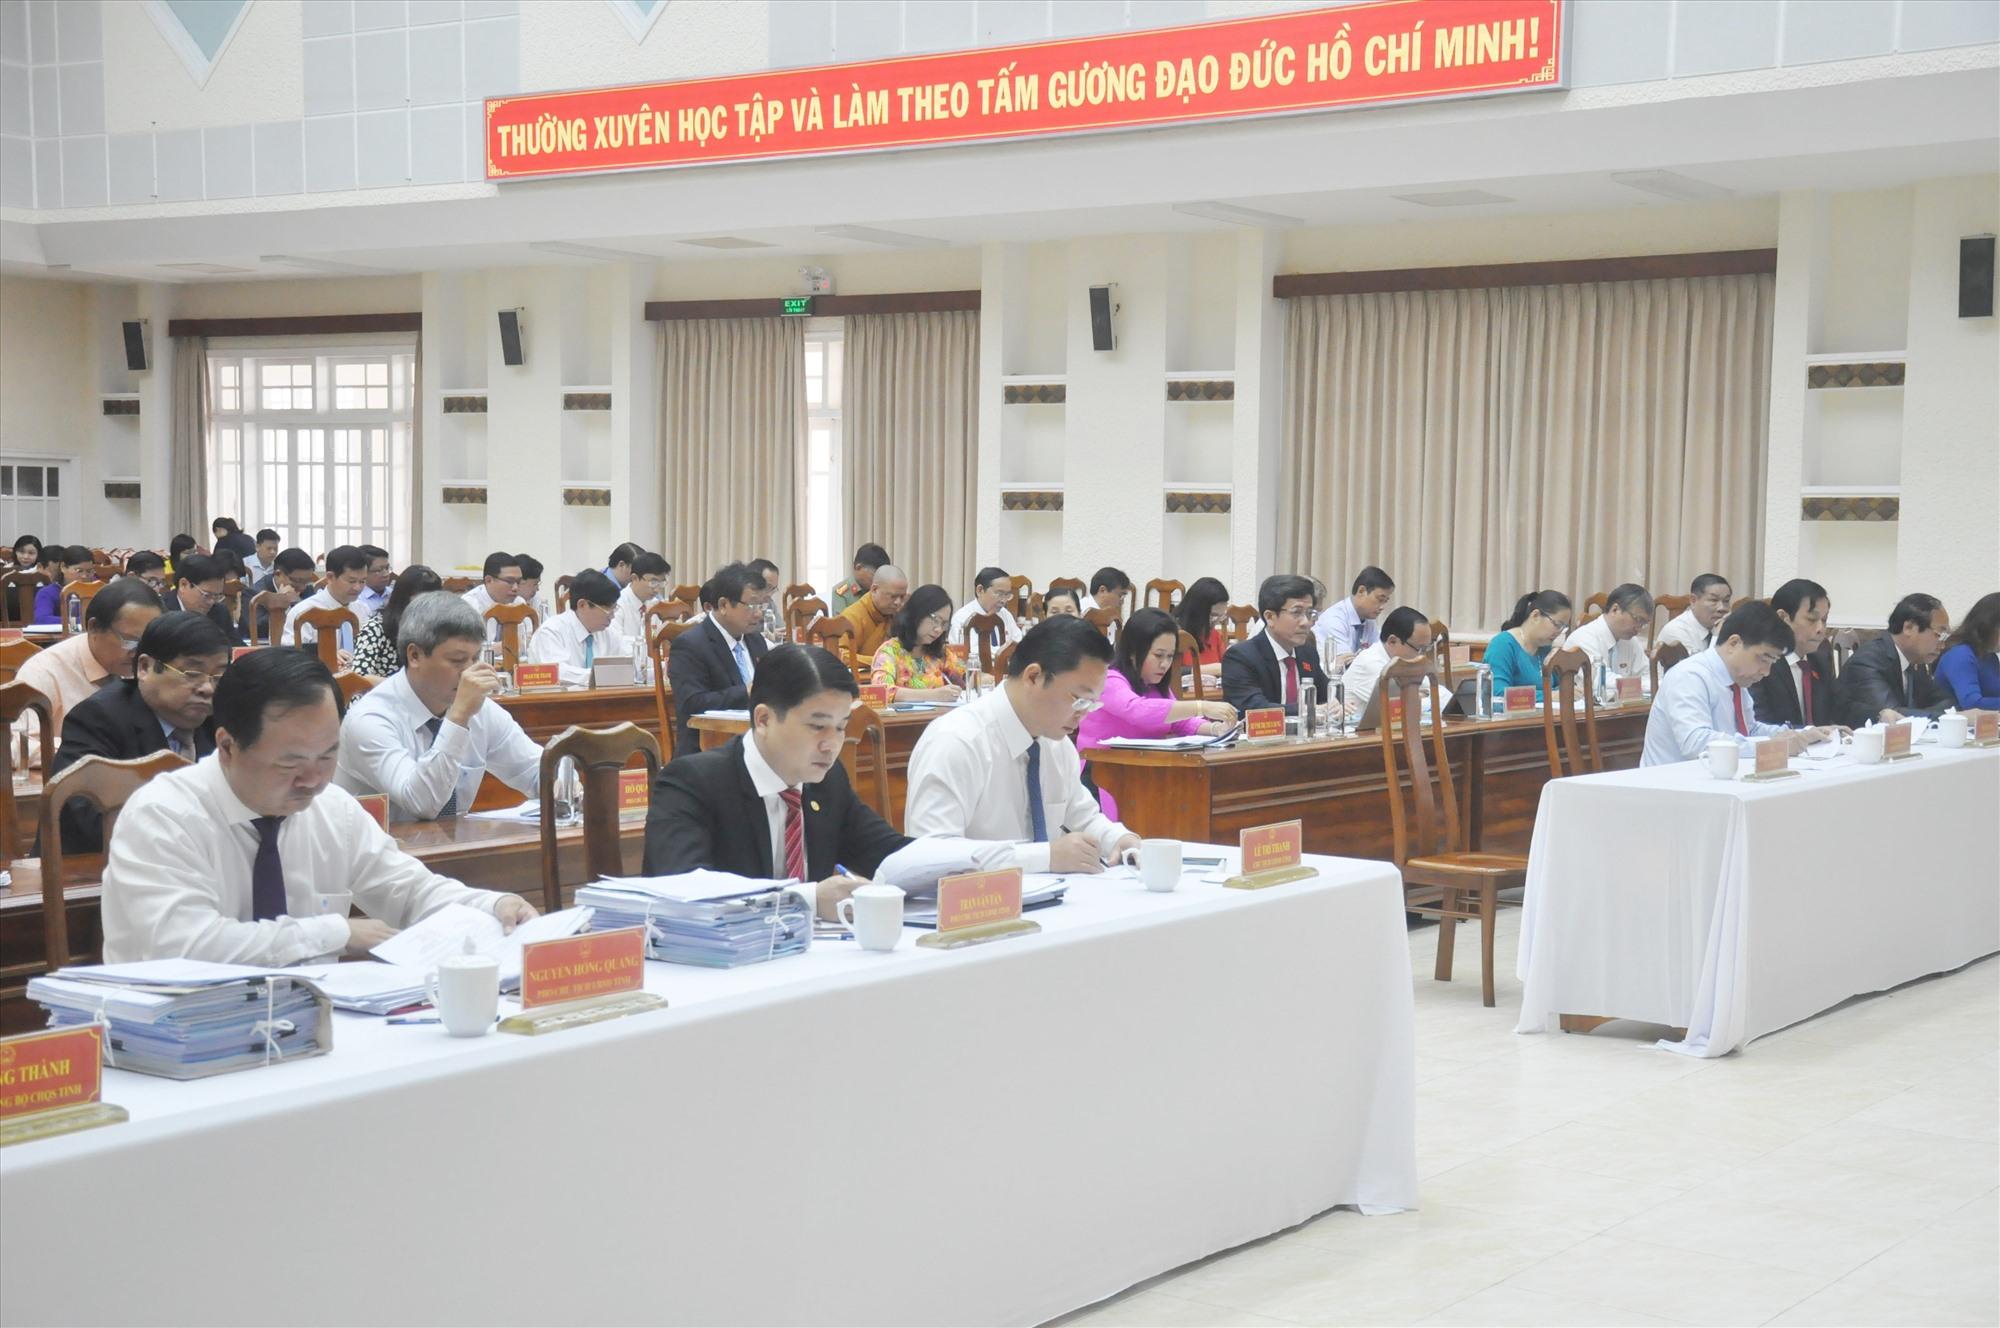 Các đại biểu dự Kỳ họp thứ 22. Ảnh: N.Đ